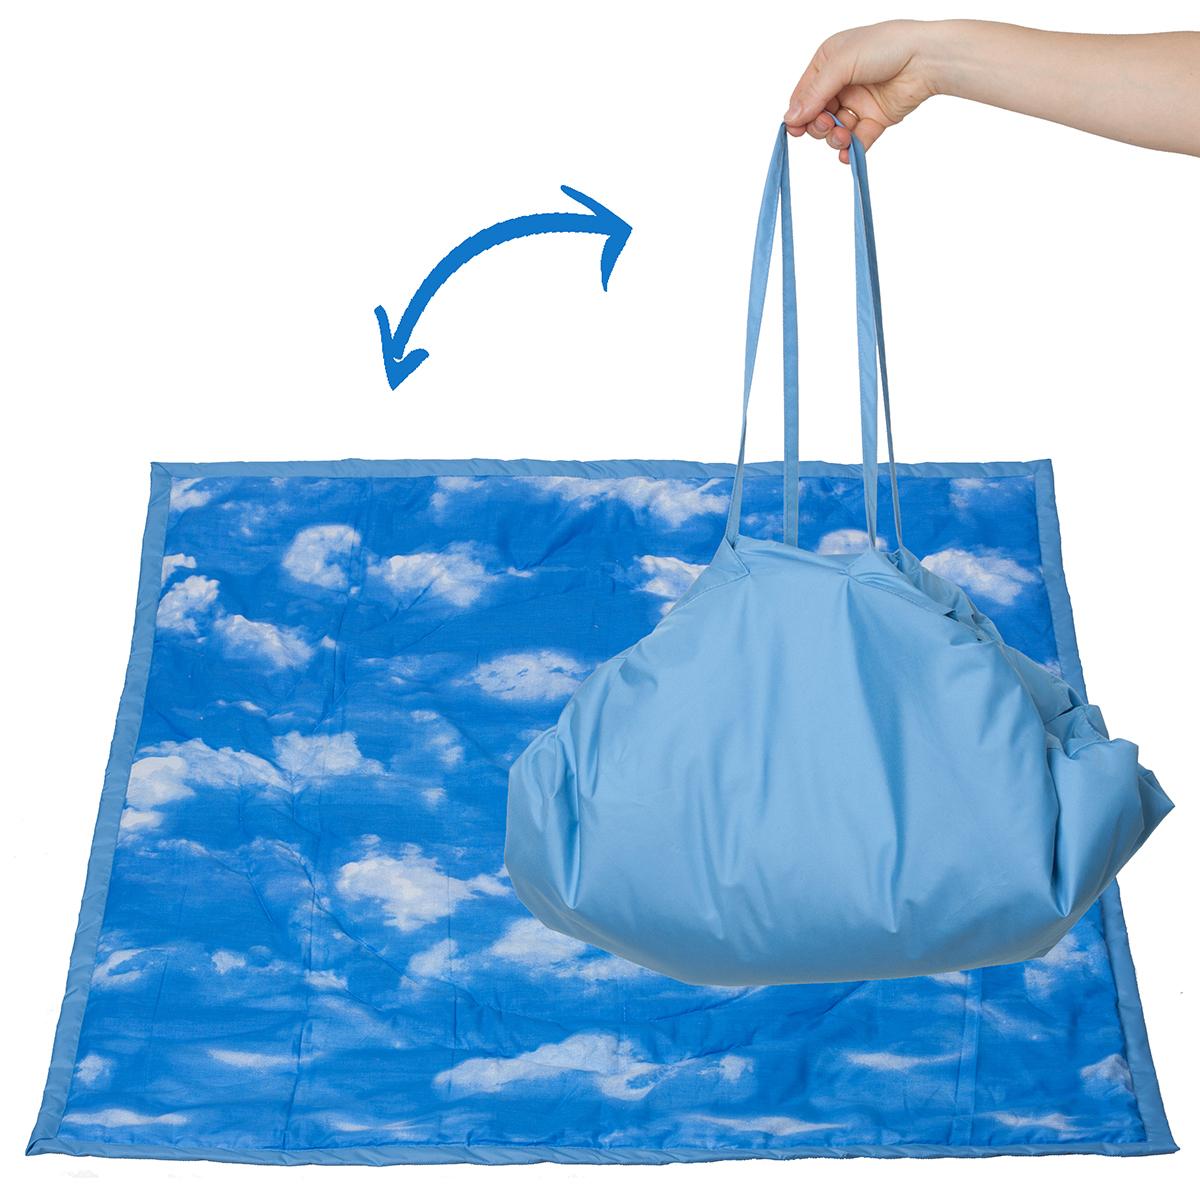 Чудо-Чадо Переносной коврик-сумка цвет голубой облака KTR02-020